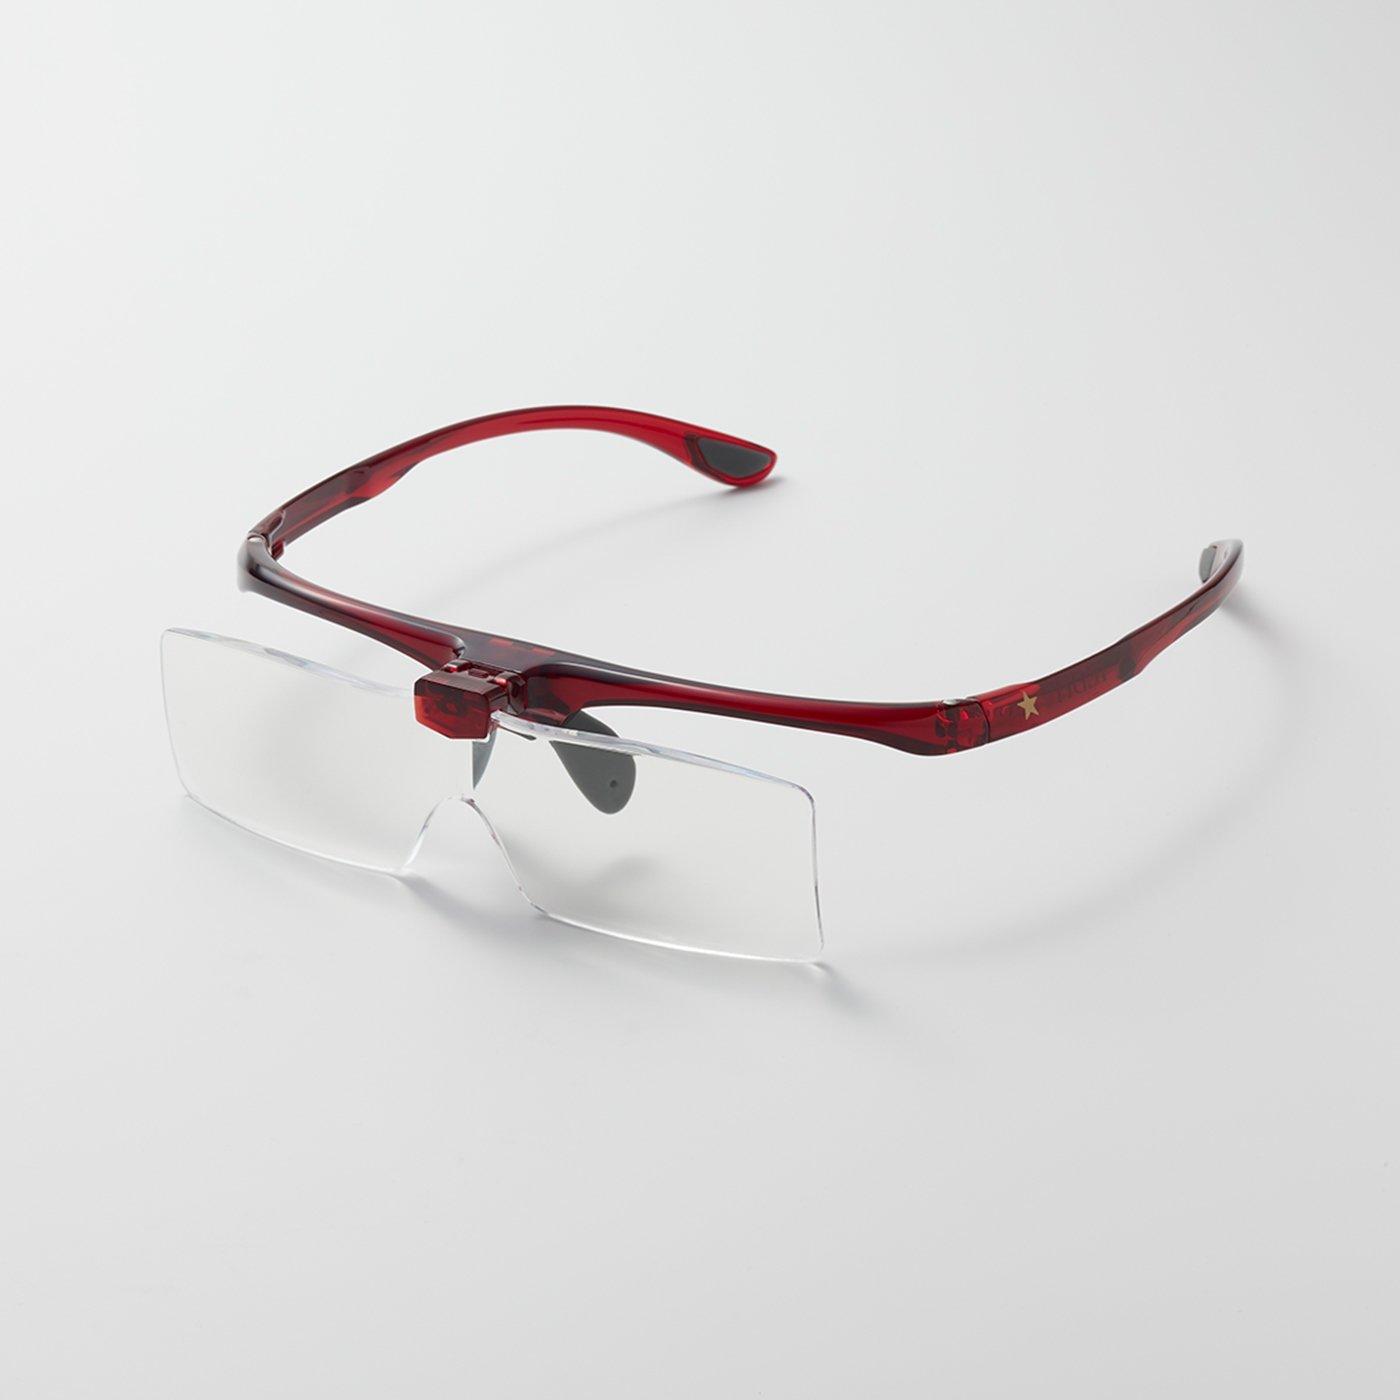 IEDIT[イディット]ワガママ企画 ゴールドスターがポイント! メガネの上からかけられて手もとがよく見えるメガネ型拡大ルーペ〈ルビーレッド〉